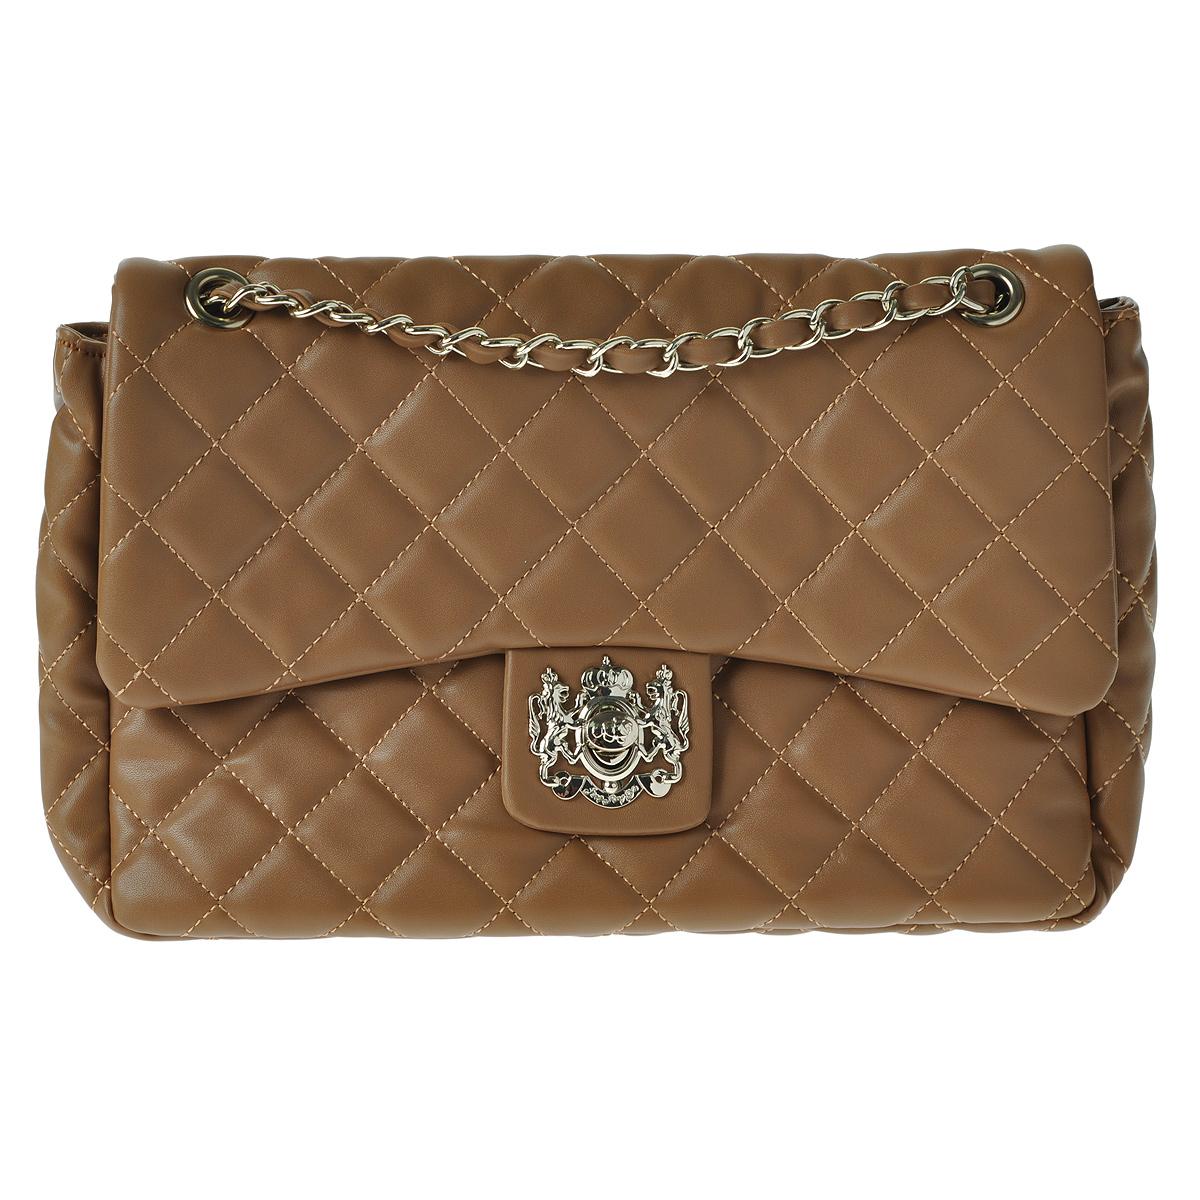 Сумка женская Fancy bag, цвет: светло-коричневый. 1016-061016-06 светл корСтильная сумка Fancy bag выполнена из экокожи светло-коричневого цвета и оформлена стеганой отстрочкой в виде ромбов и декоративным элементом на застежке. Сумка имеет одно отделение, закрывающееся клапаном на замок. Внутри - смежный карман на застежке-молнии, вшитый карман на застежке-молнии и два накладных кармана для мобильного телефона и прочих мелочей. Внутри - вшитый карман на застежке-молнии и накладной карман для мобильного телефона. Сумка оснащена двумя ручками в виде цепочки. В комплекте чехол для хранения. Этот стильный аксессуар станет великолепным дополнением вашего образа.